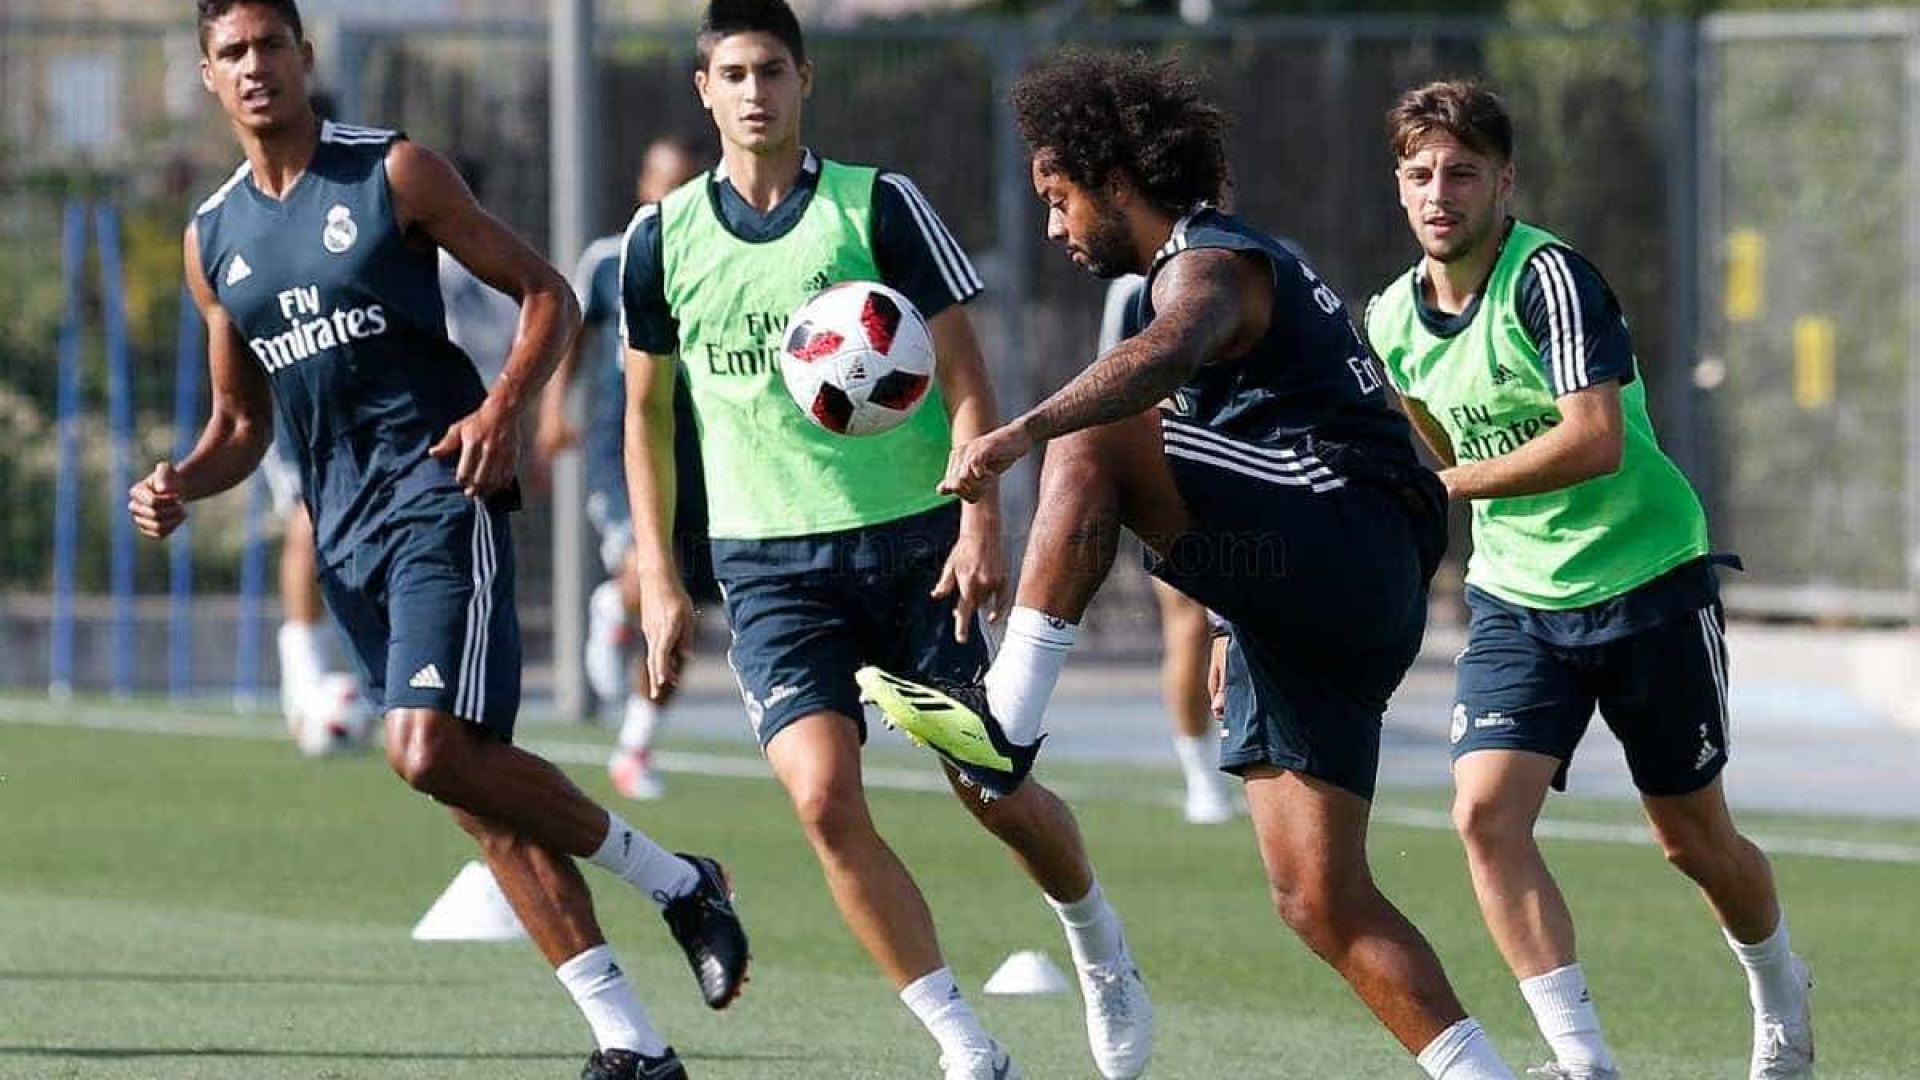 Marcelo domina a bola com maestria e faz golaço em treino do Real